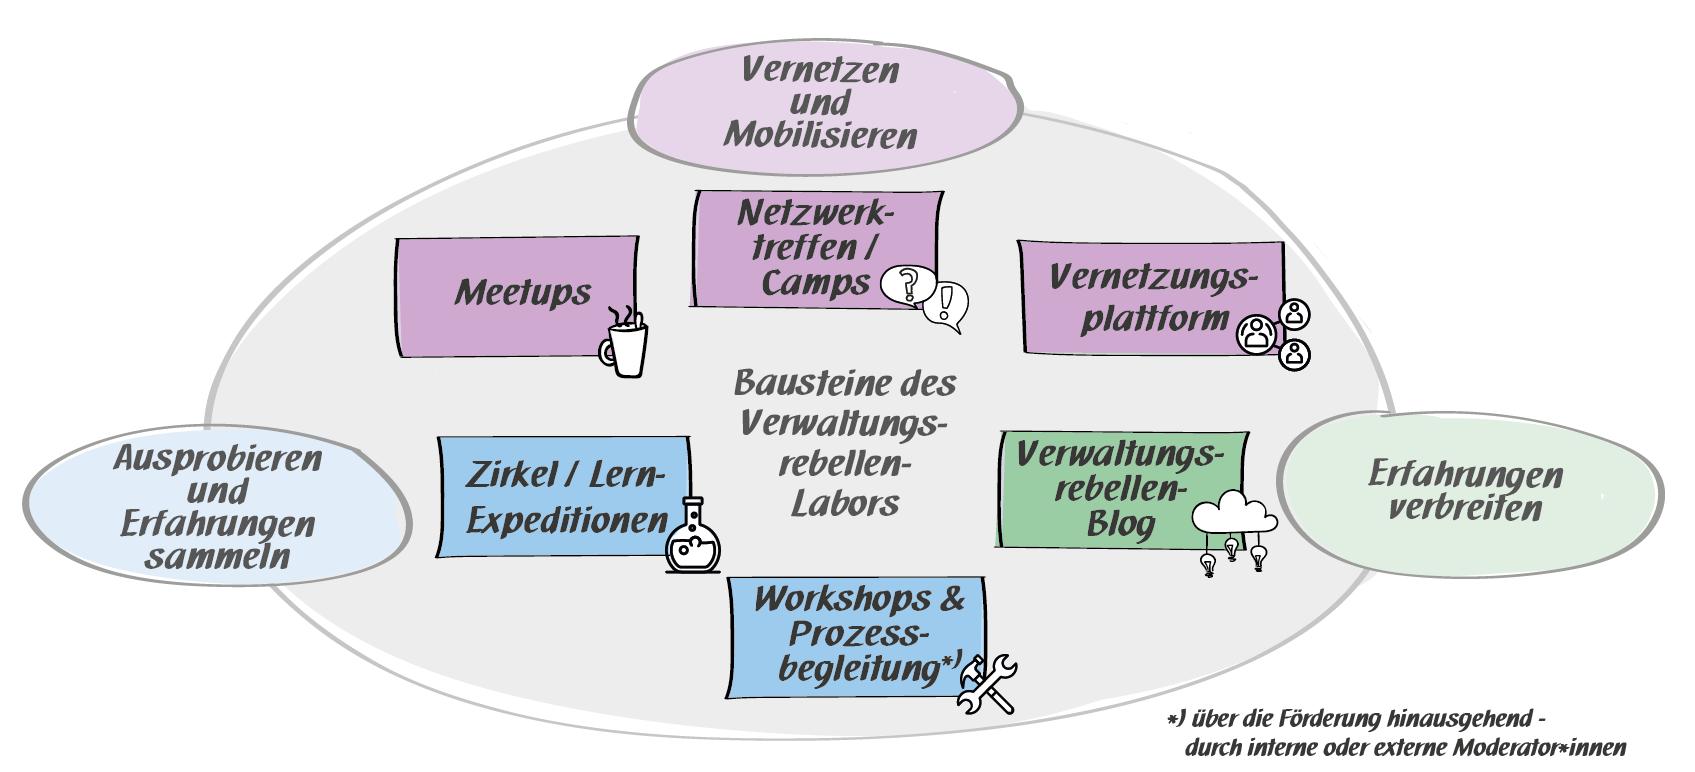 Abbildung mit den Formaten des Verwaltungsrebellen-Labors